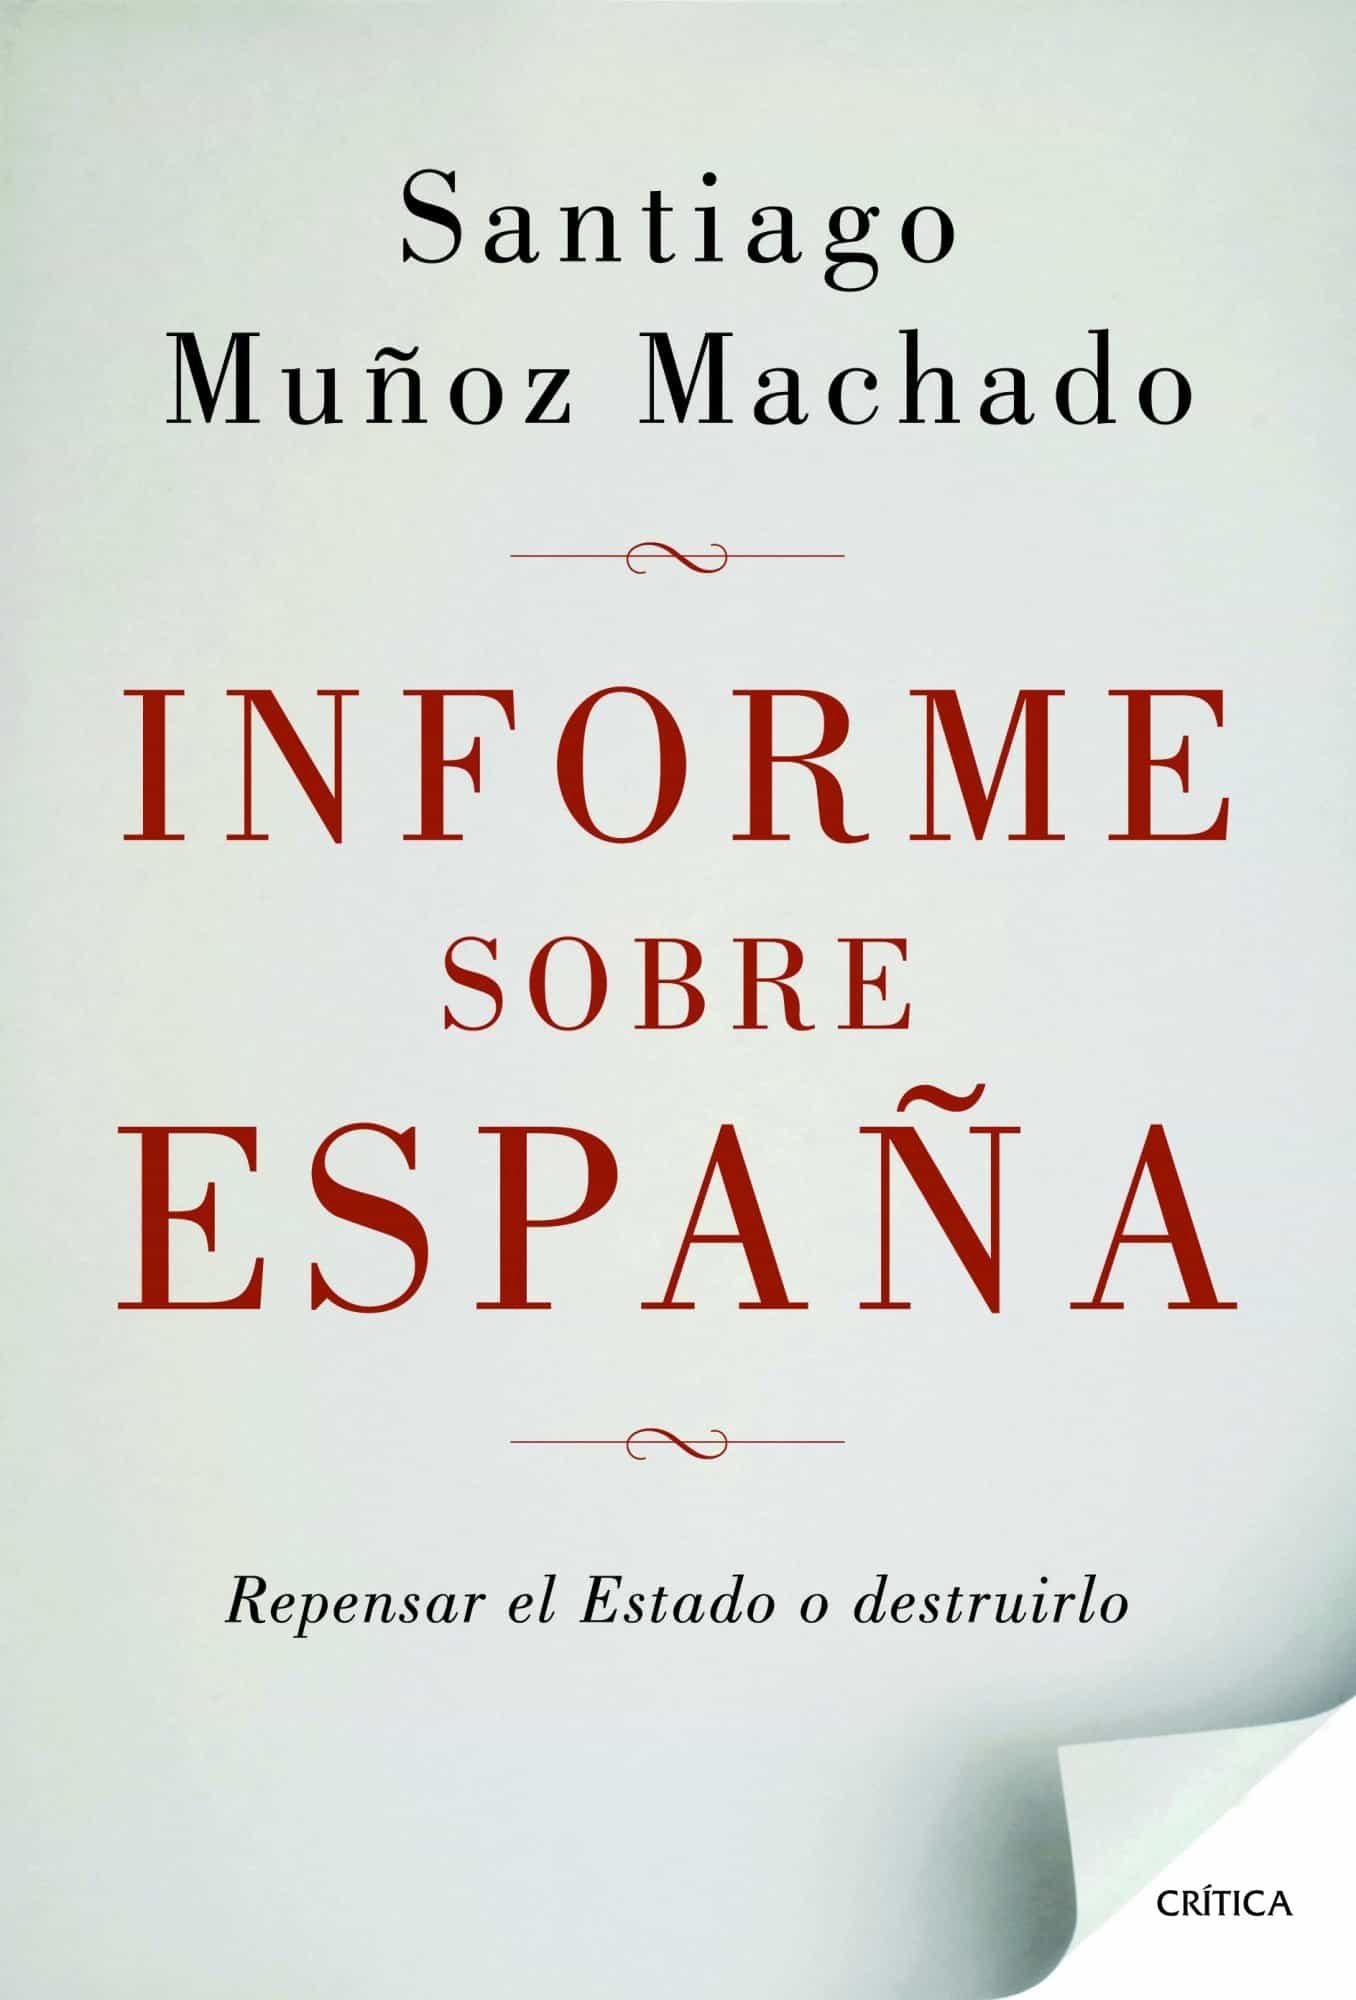 informe sobre españa-santiago muñoz machado-9788498924664